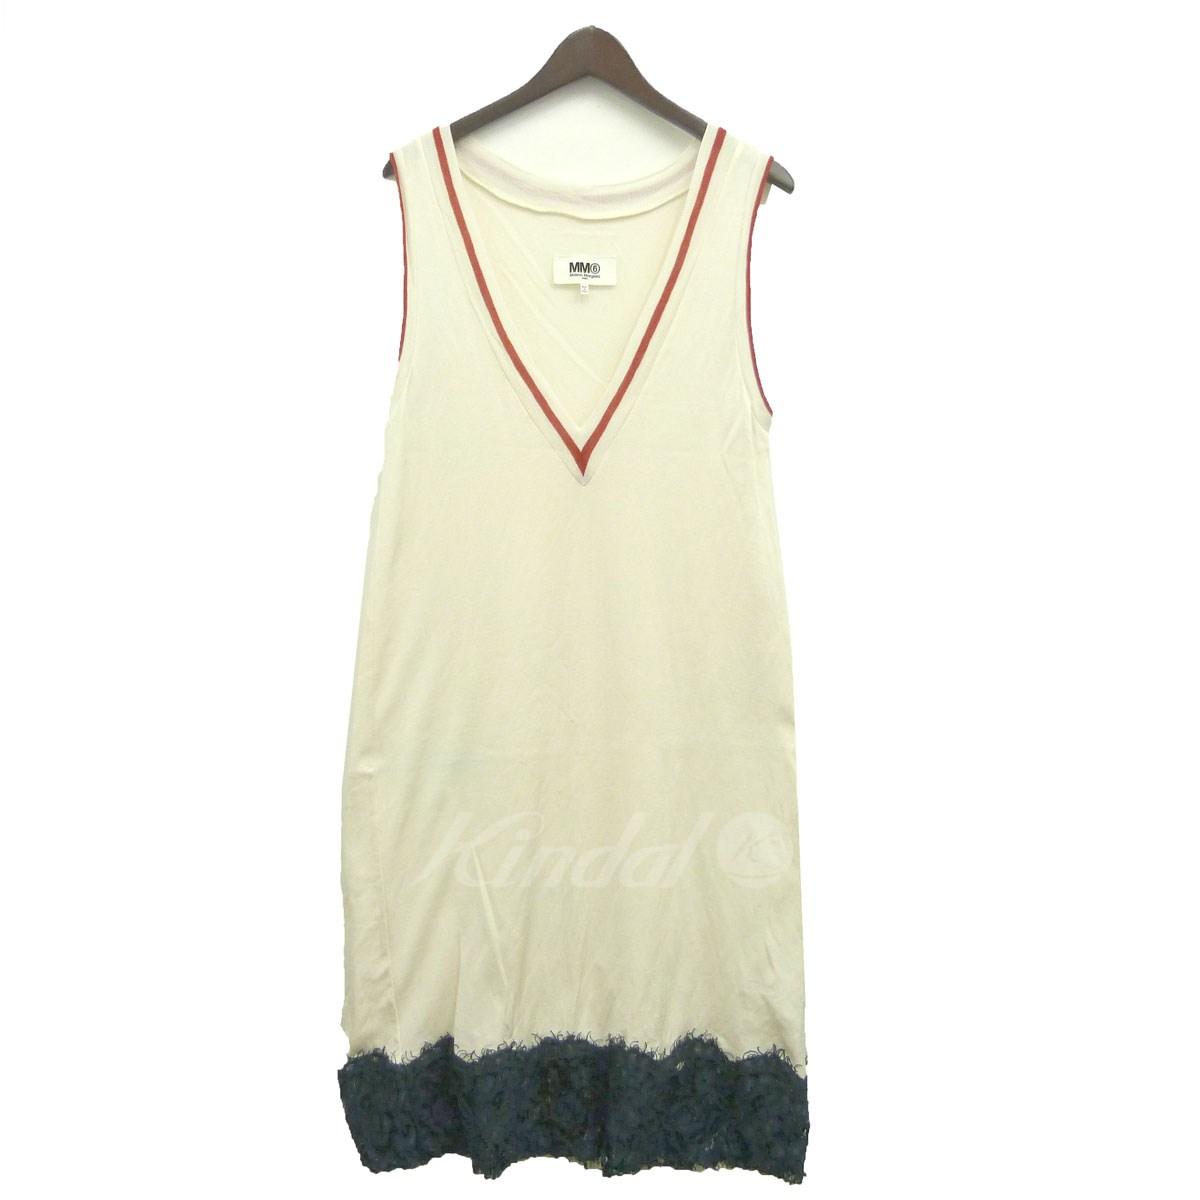 【中古】MM6 17SS裾レースノースリーブワンピース ホワイト×グリーン サイズ:M 【送料無料】 【110319】(エムエムシックス)